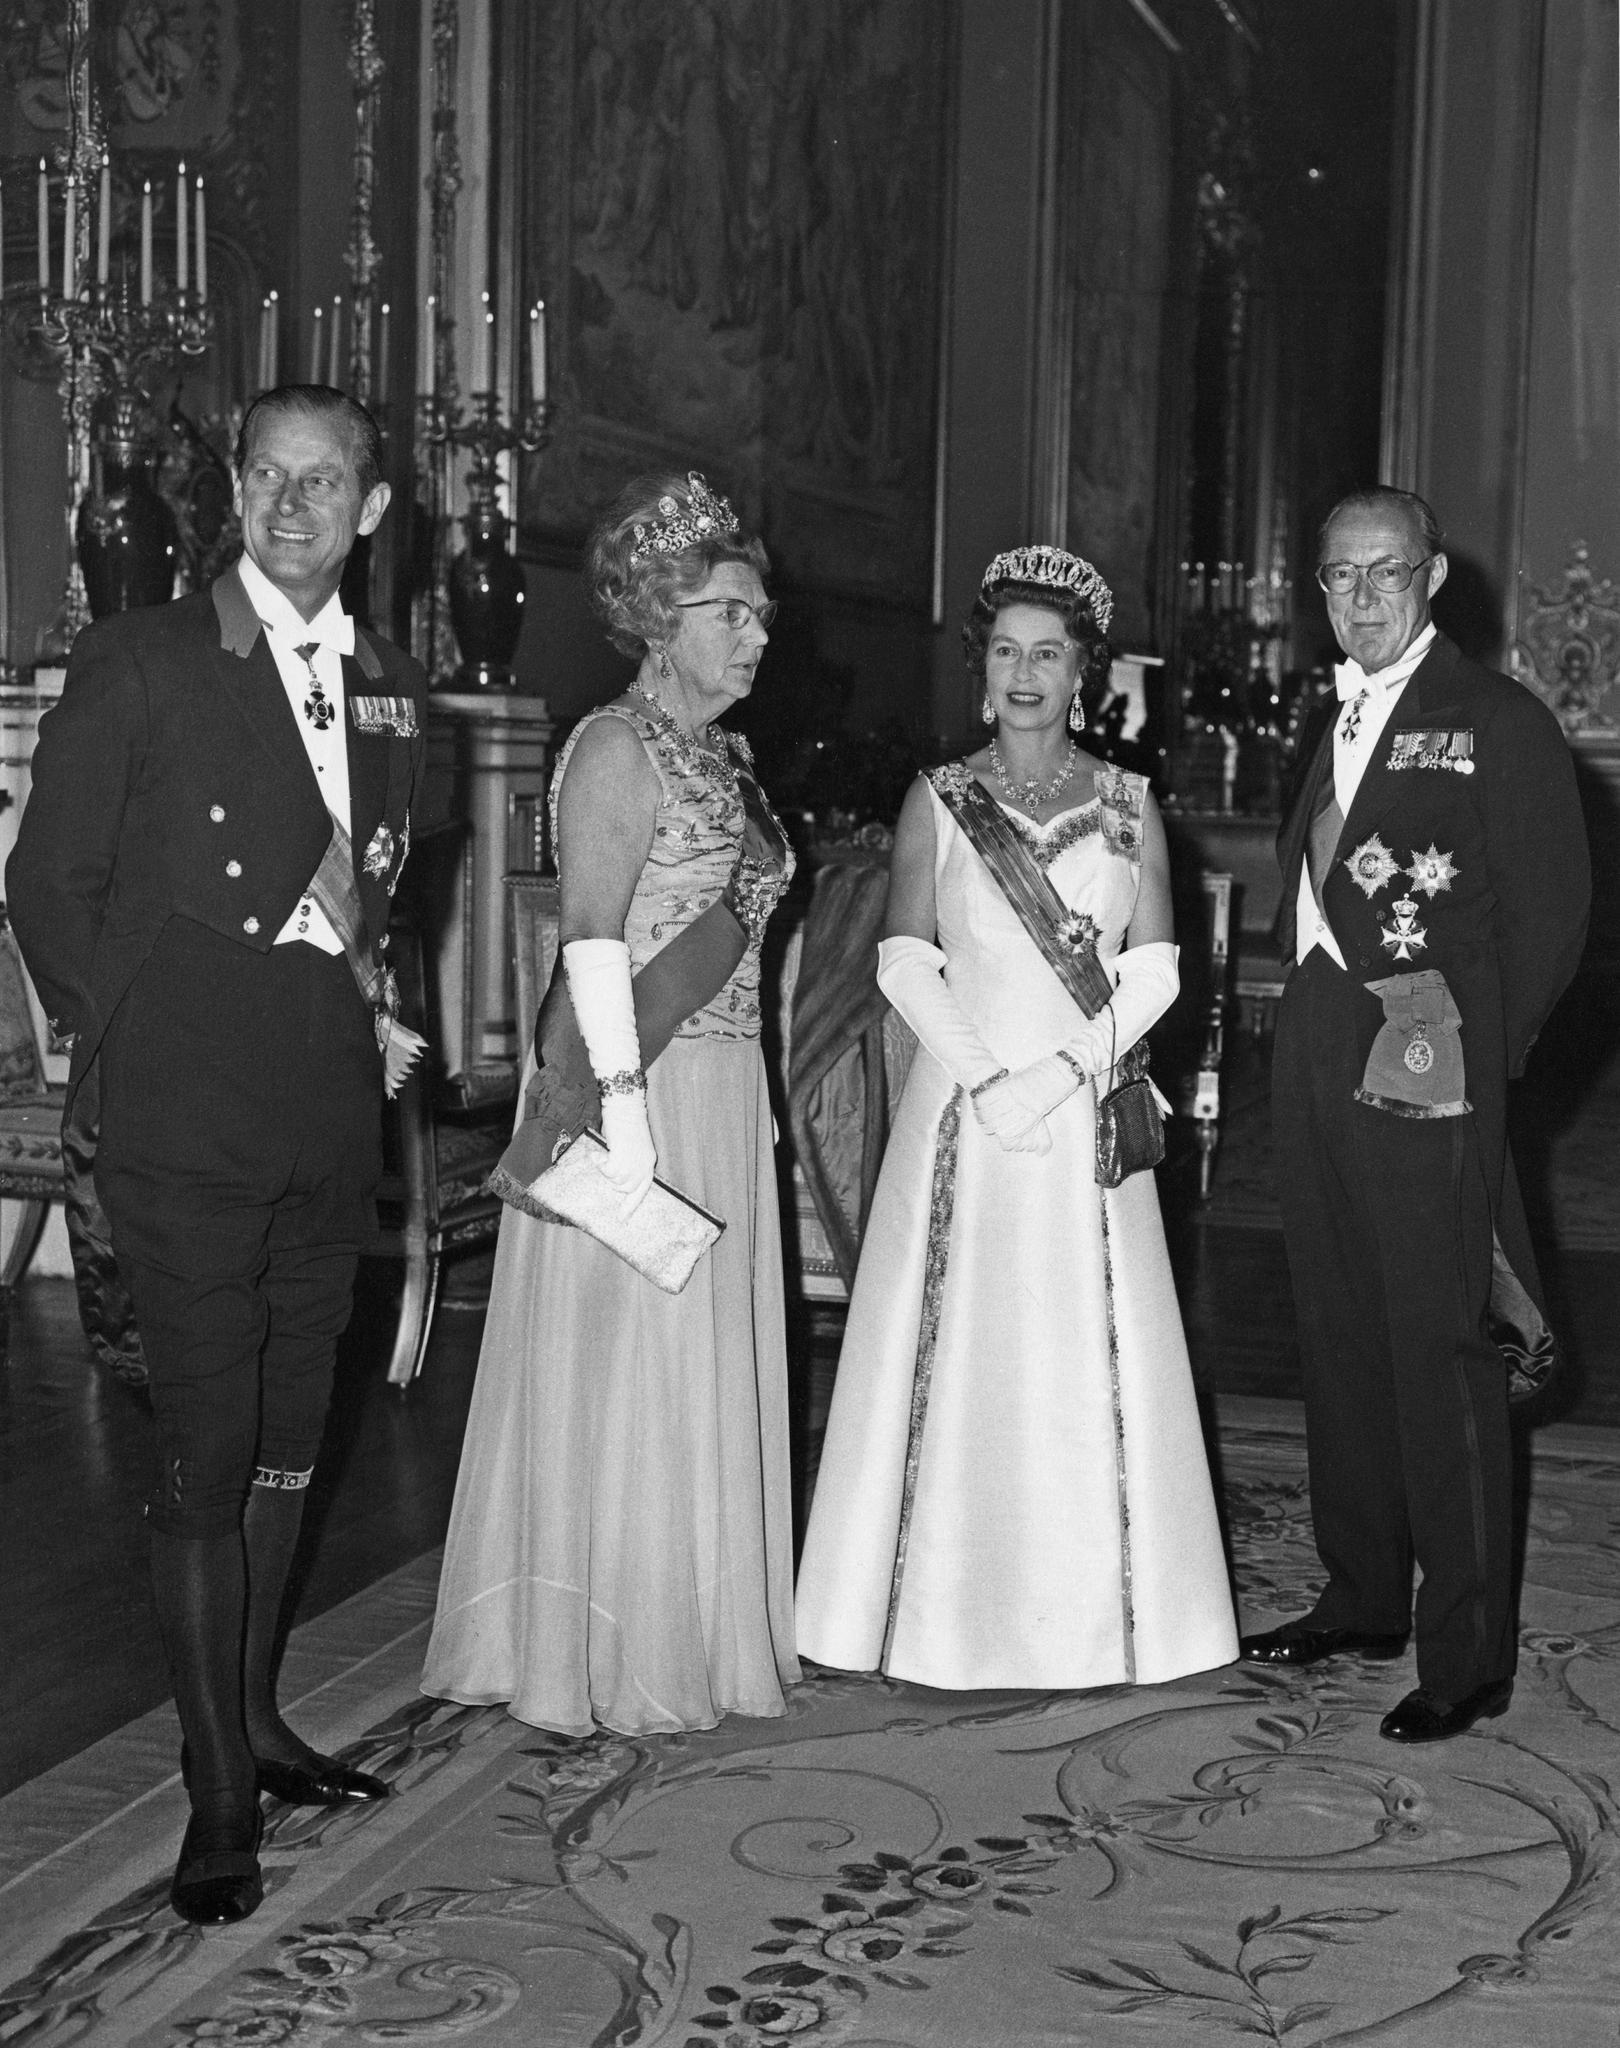 PrinzPhilip, KöniginJuliana der Niederlande(1909-2004), Queen Elizabeth und PrinzBernhard der Niederlande(1911-2004) vor einem Staatsbankettauf Schloss Windsor am 11. April 1972.